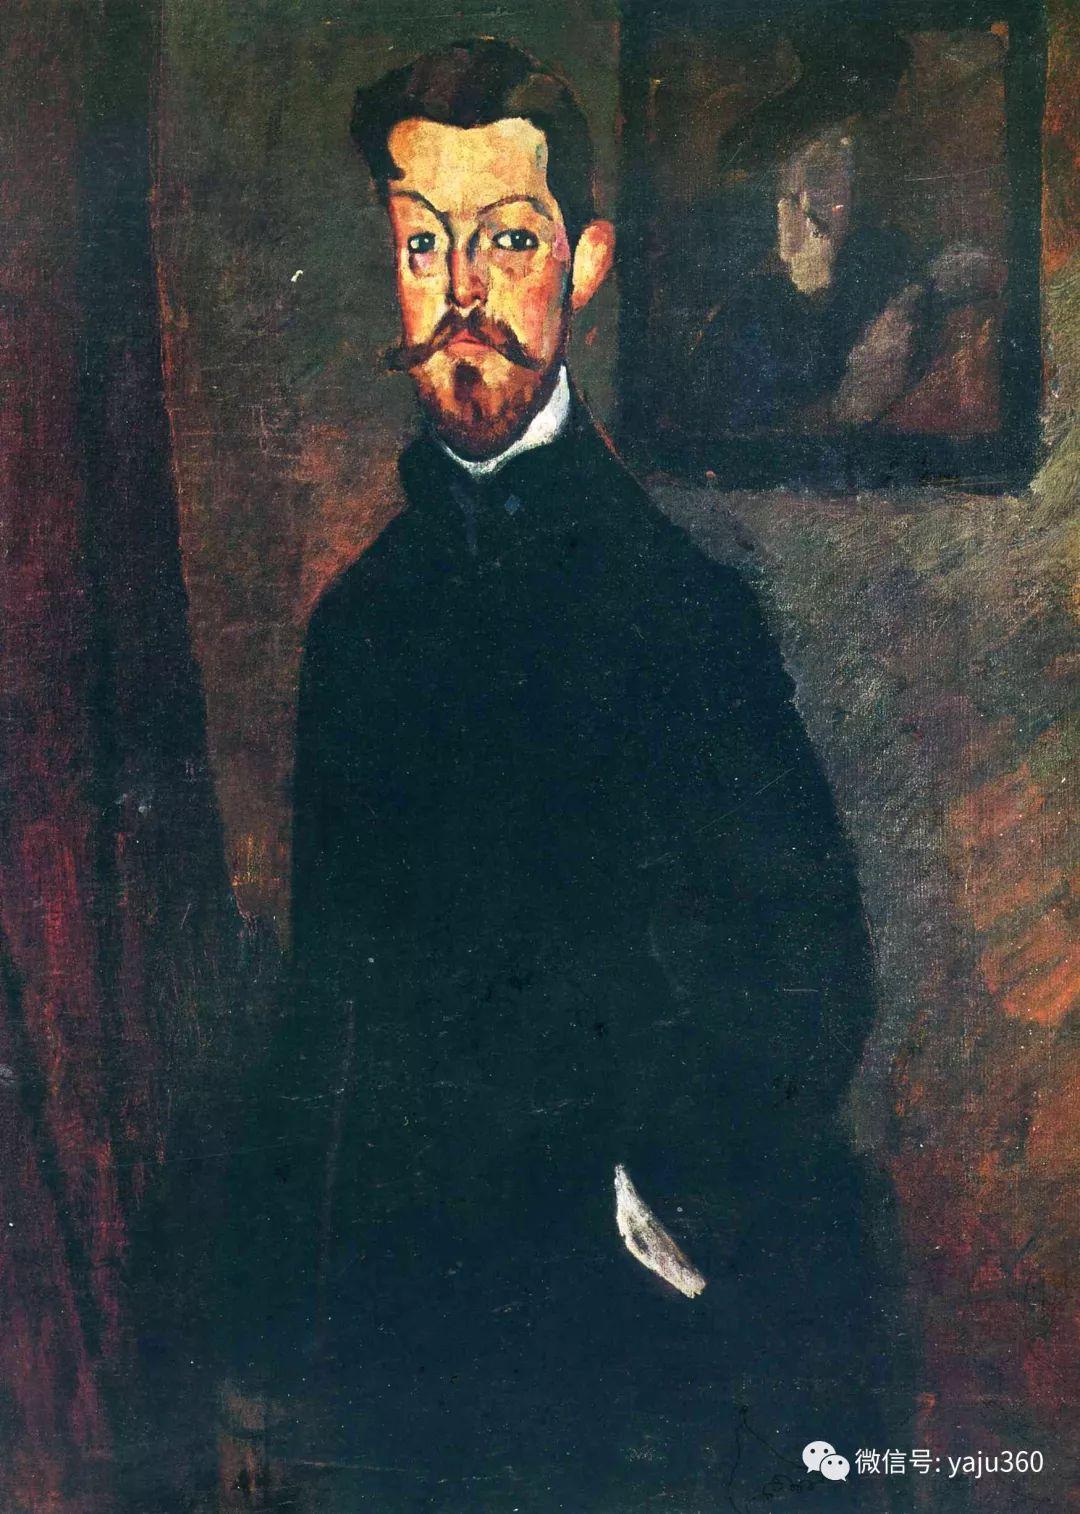 世界著名画家之莫迪利阿尼插图59